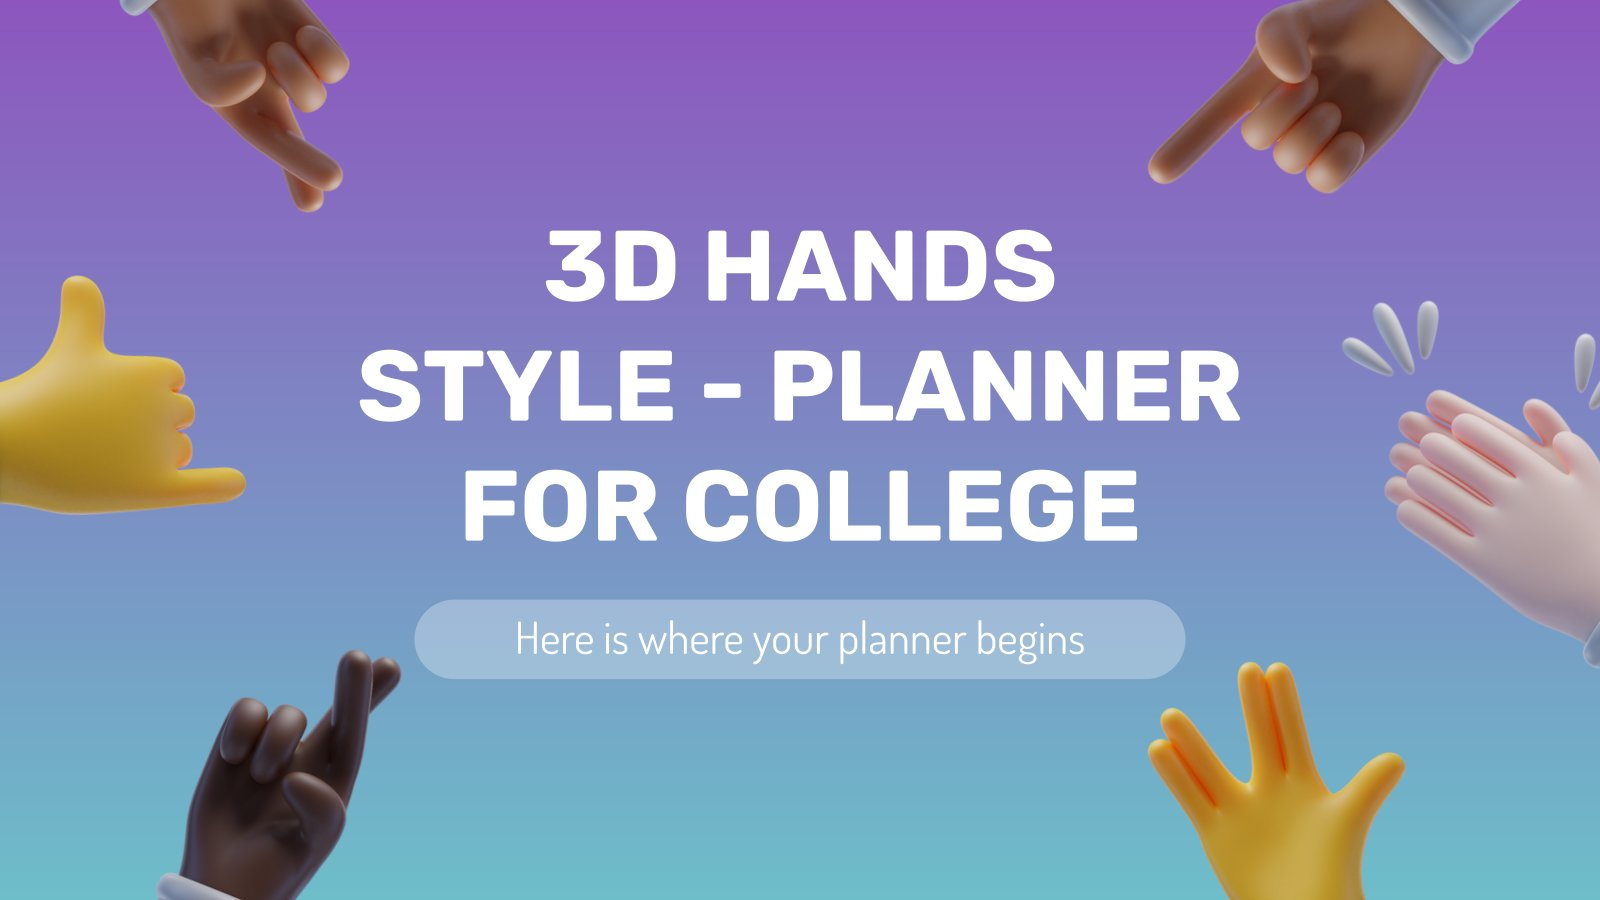 Planificateur pour le collège - Des mains 3D : Modèles de présentation